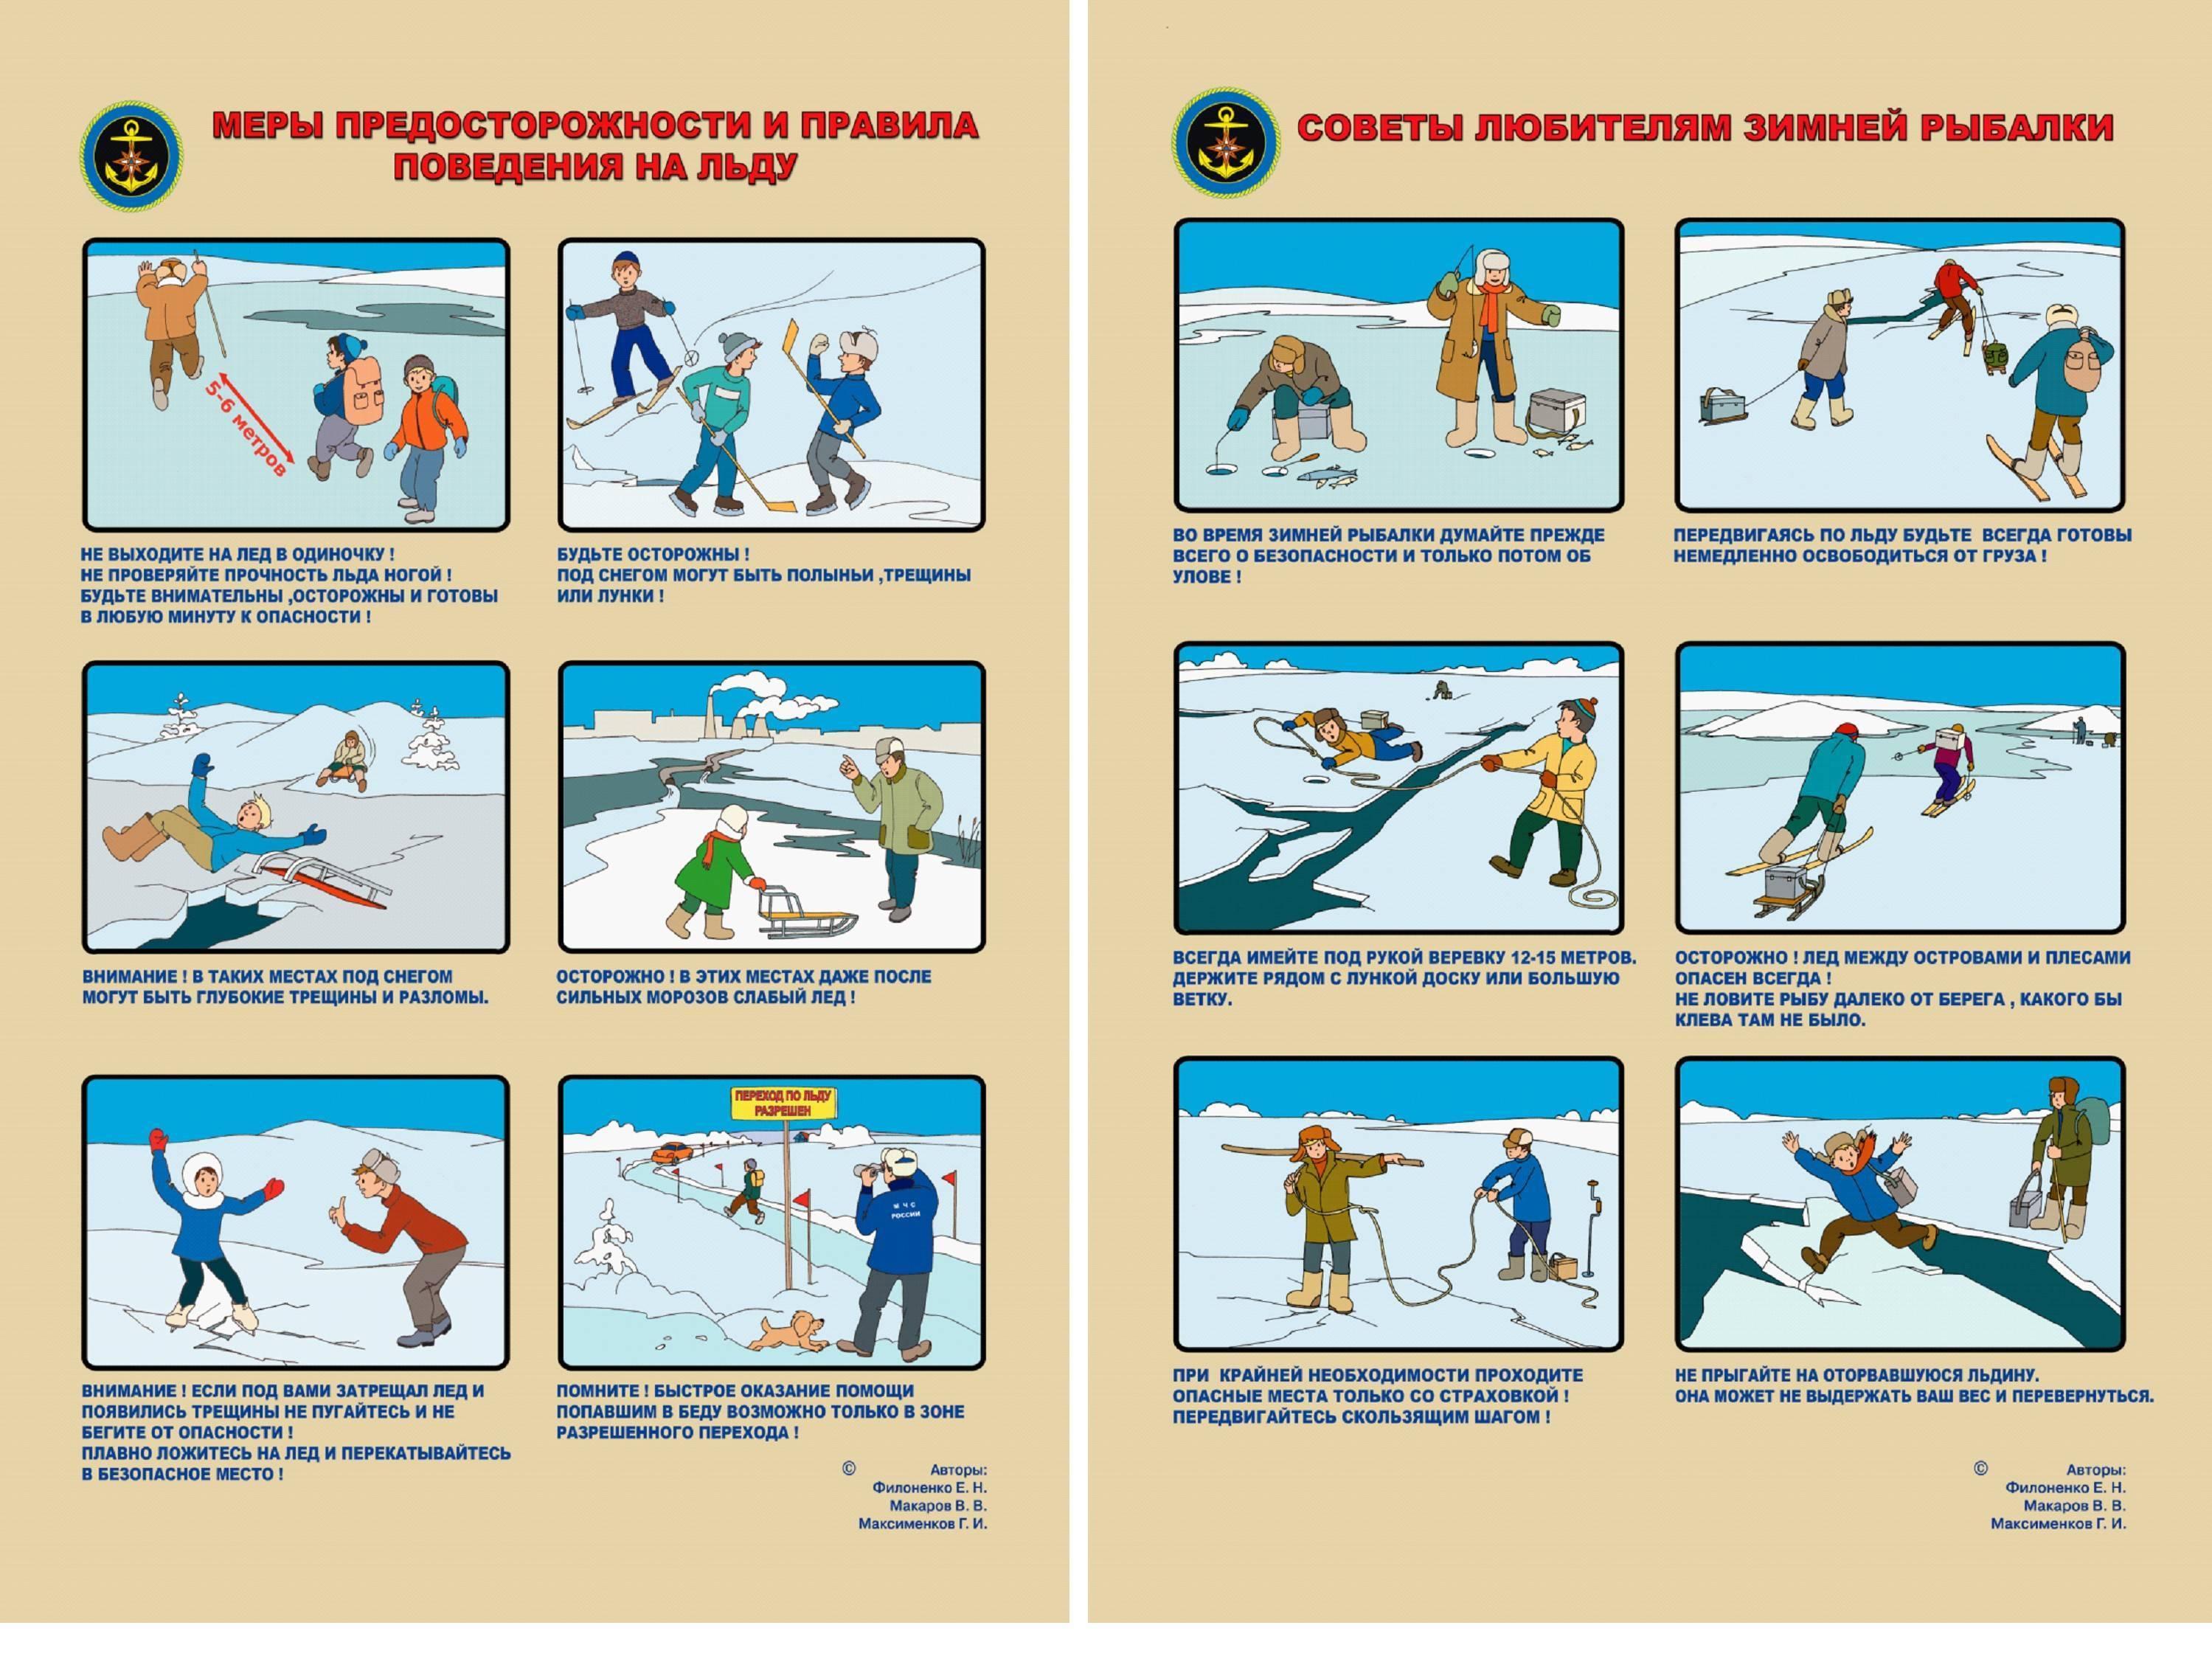 Меры безопасности на льду, спасение провалившегося под лёд / ribalcka.ru